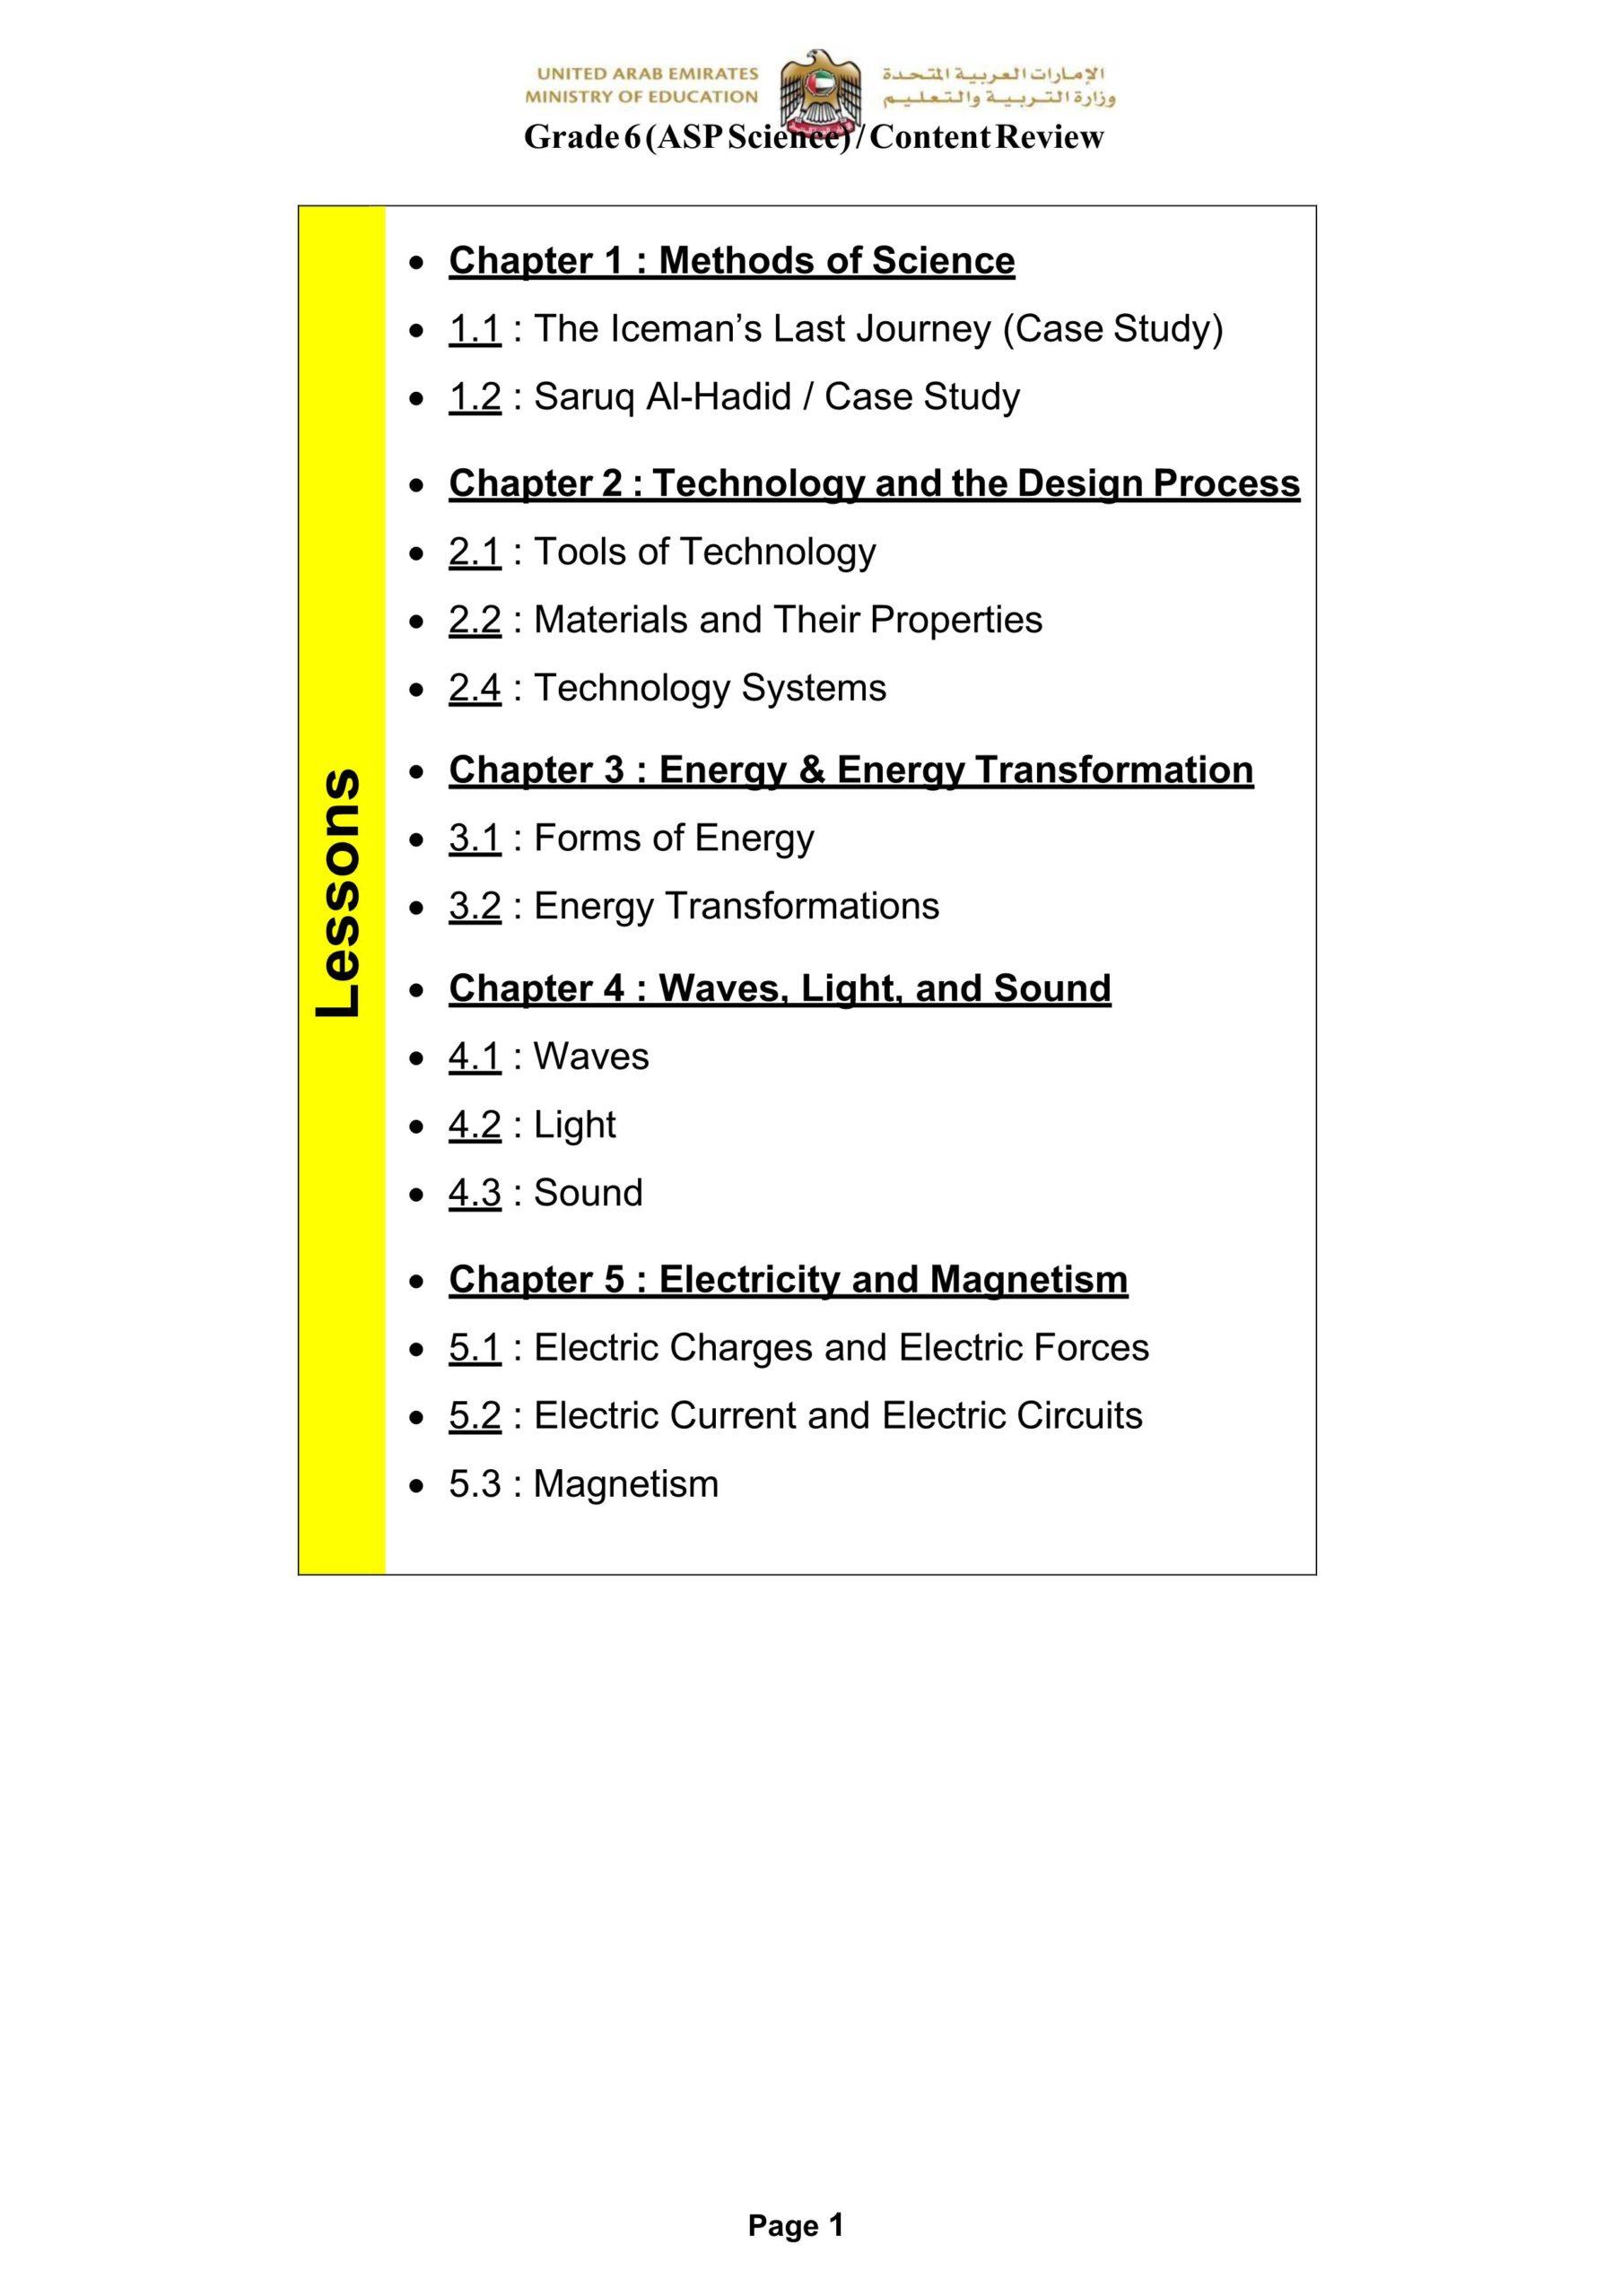 حل اوراق عمل متنوعة بالانجليزي الصف السادس مادة العلوم المتكاملة